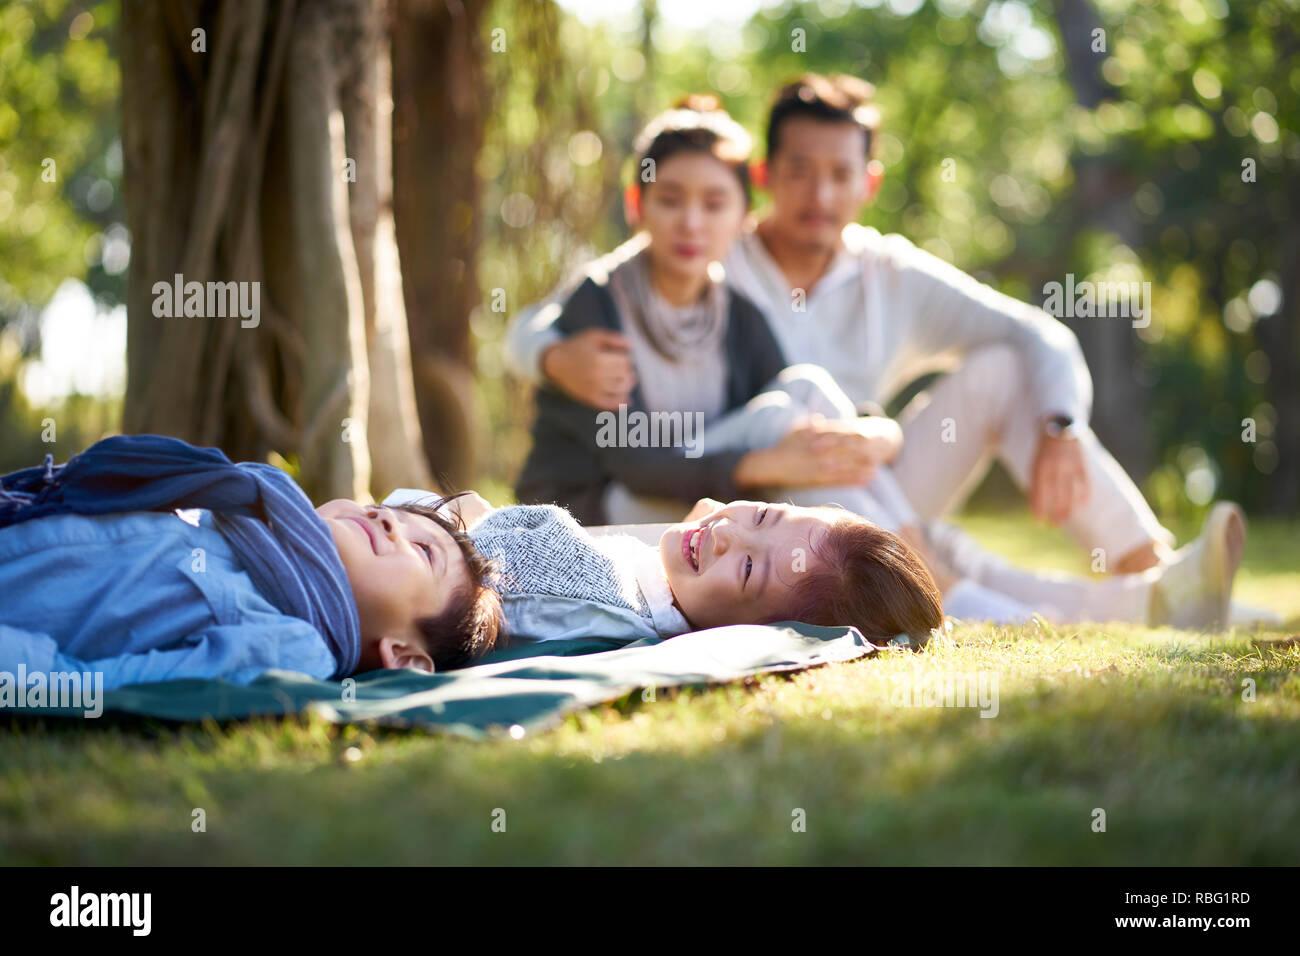 Due bambini asiatici piccolo ragazzo e ragazza divertirsi sdraiati sull'erba con i genitori seduti a guardare in background. Foto Stock